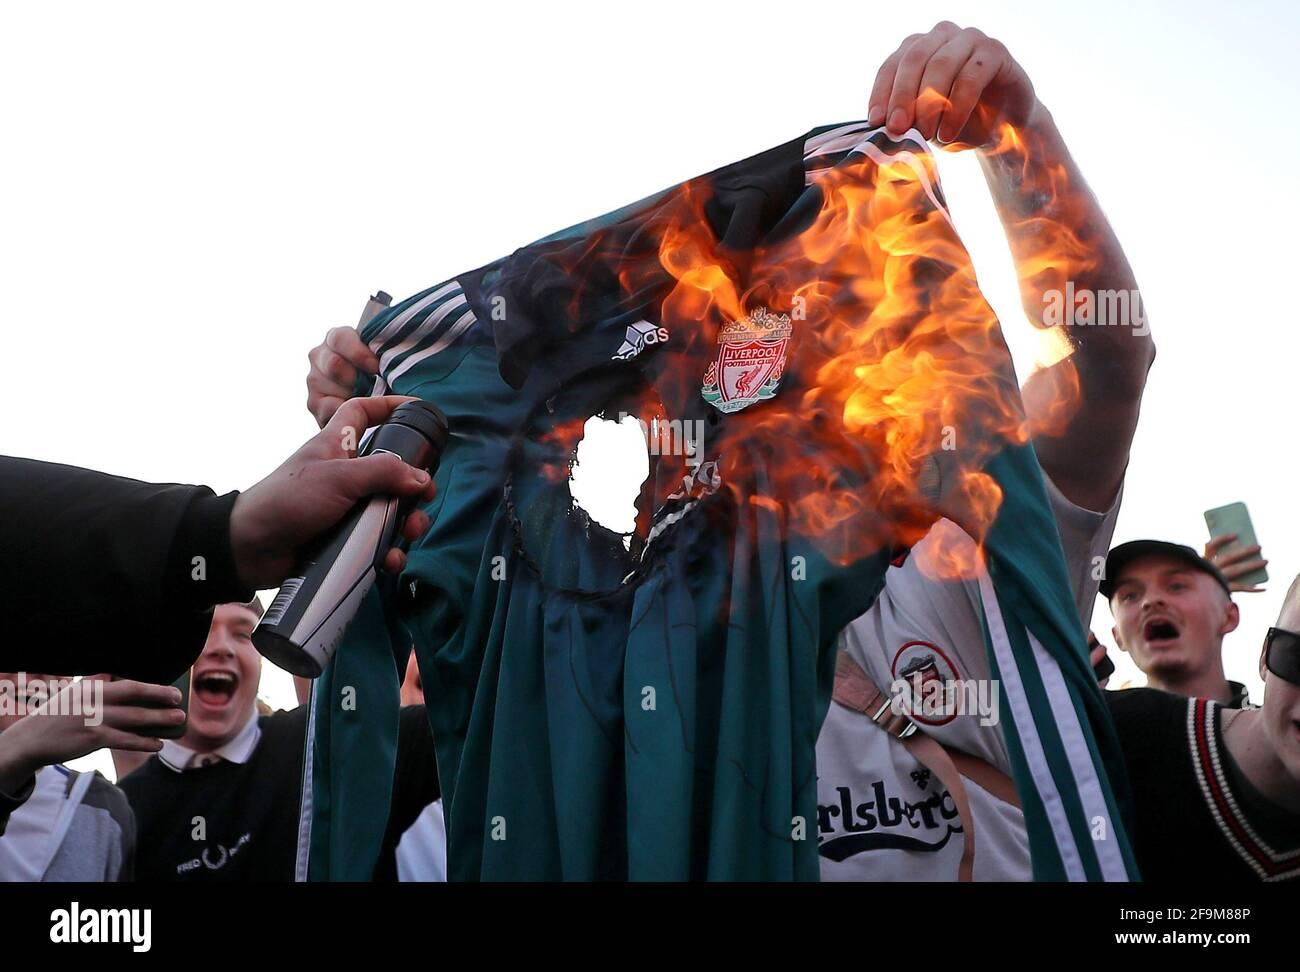 Los fans queman una réplica de la camiseta de Liverpool fuera de Elland Road contra la decisión de Liverpool de ser incluidos entre los clubes que intentan formar una nueva SuperLiga Europea. Fecha de la foto: Lunes 19 de abril de 2021. Foto de stock